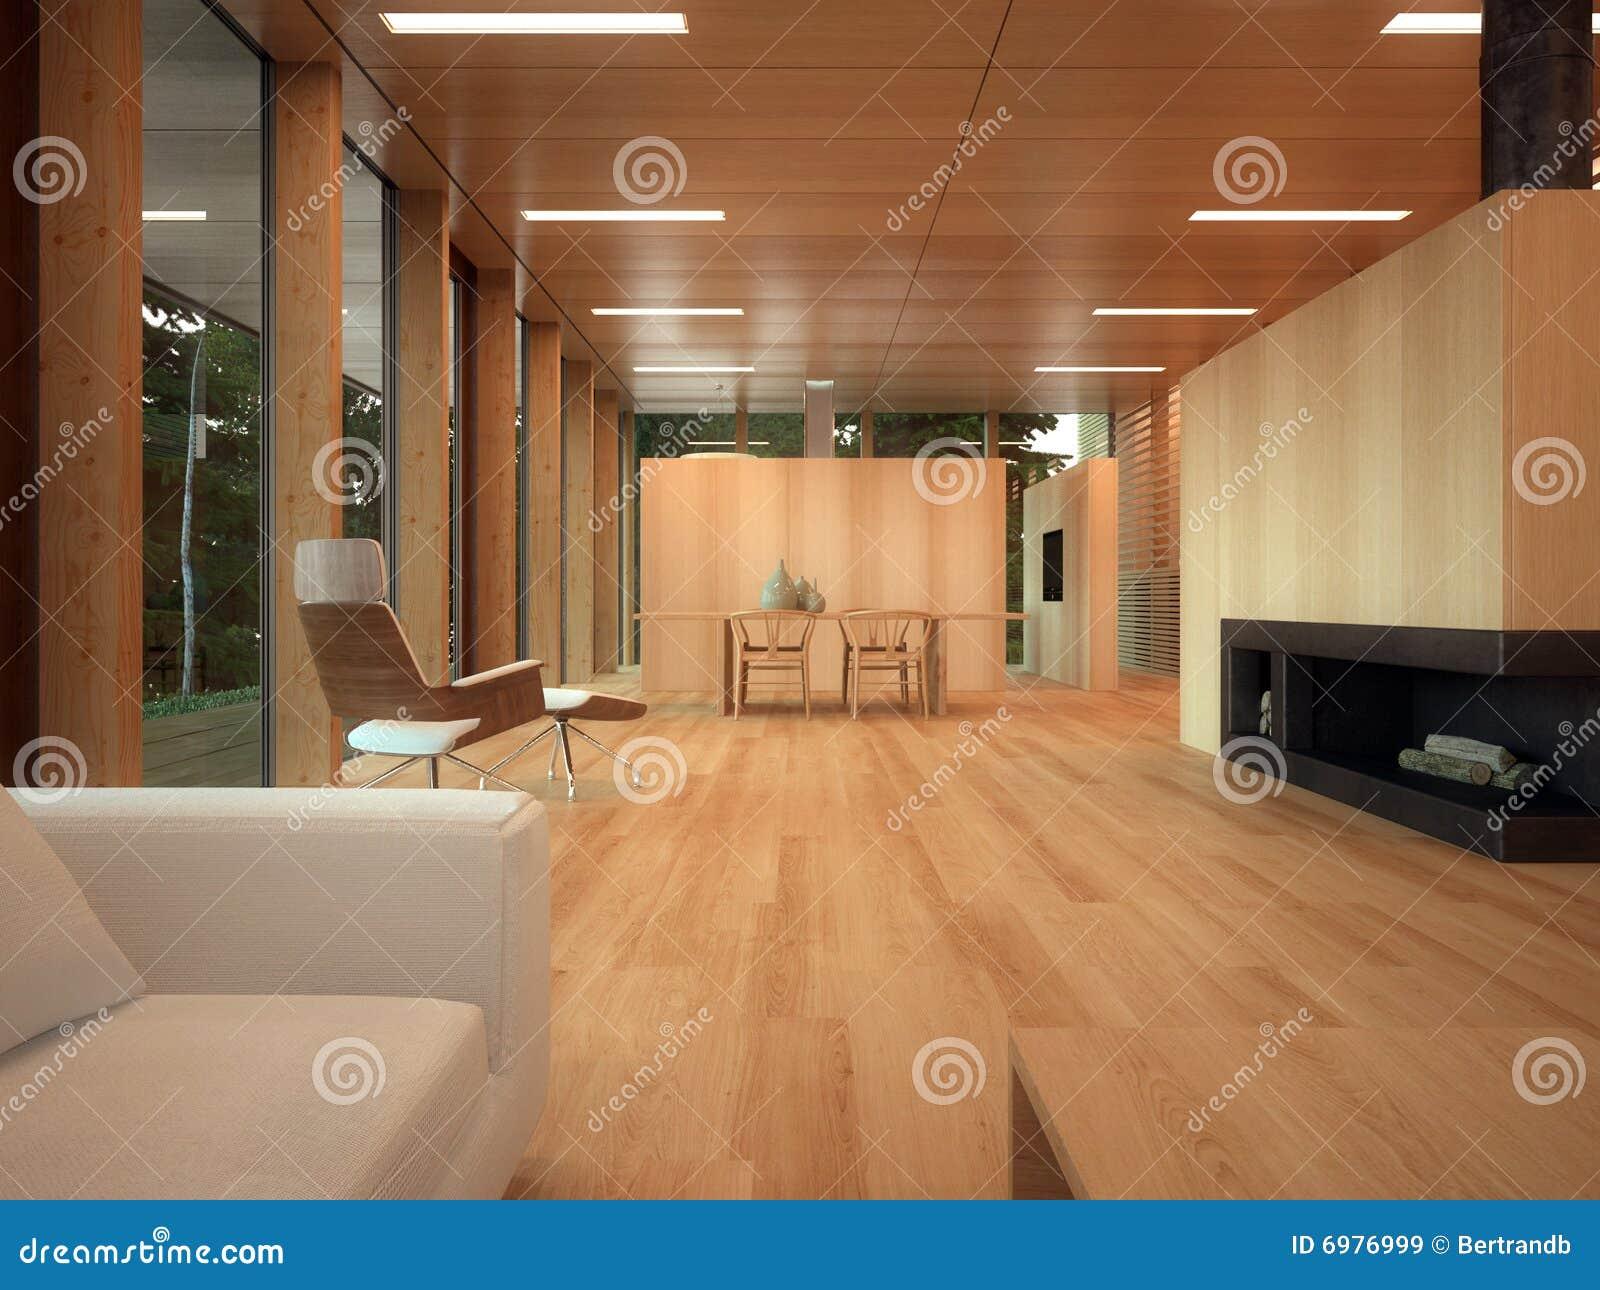 salon en bois minimaliste images libres de droits image 6976999. Black Bedroom Furniture Sets. Home Design Ideas